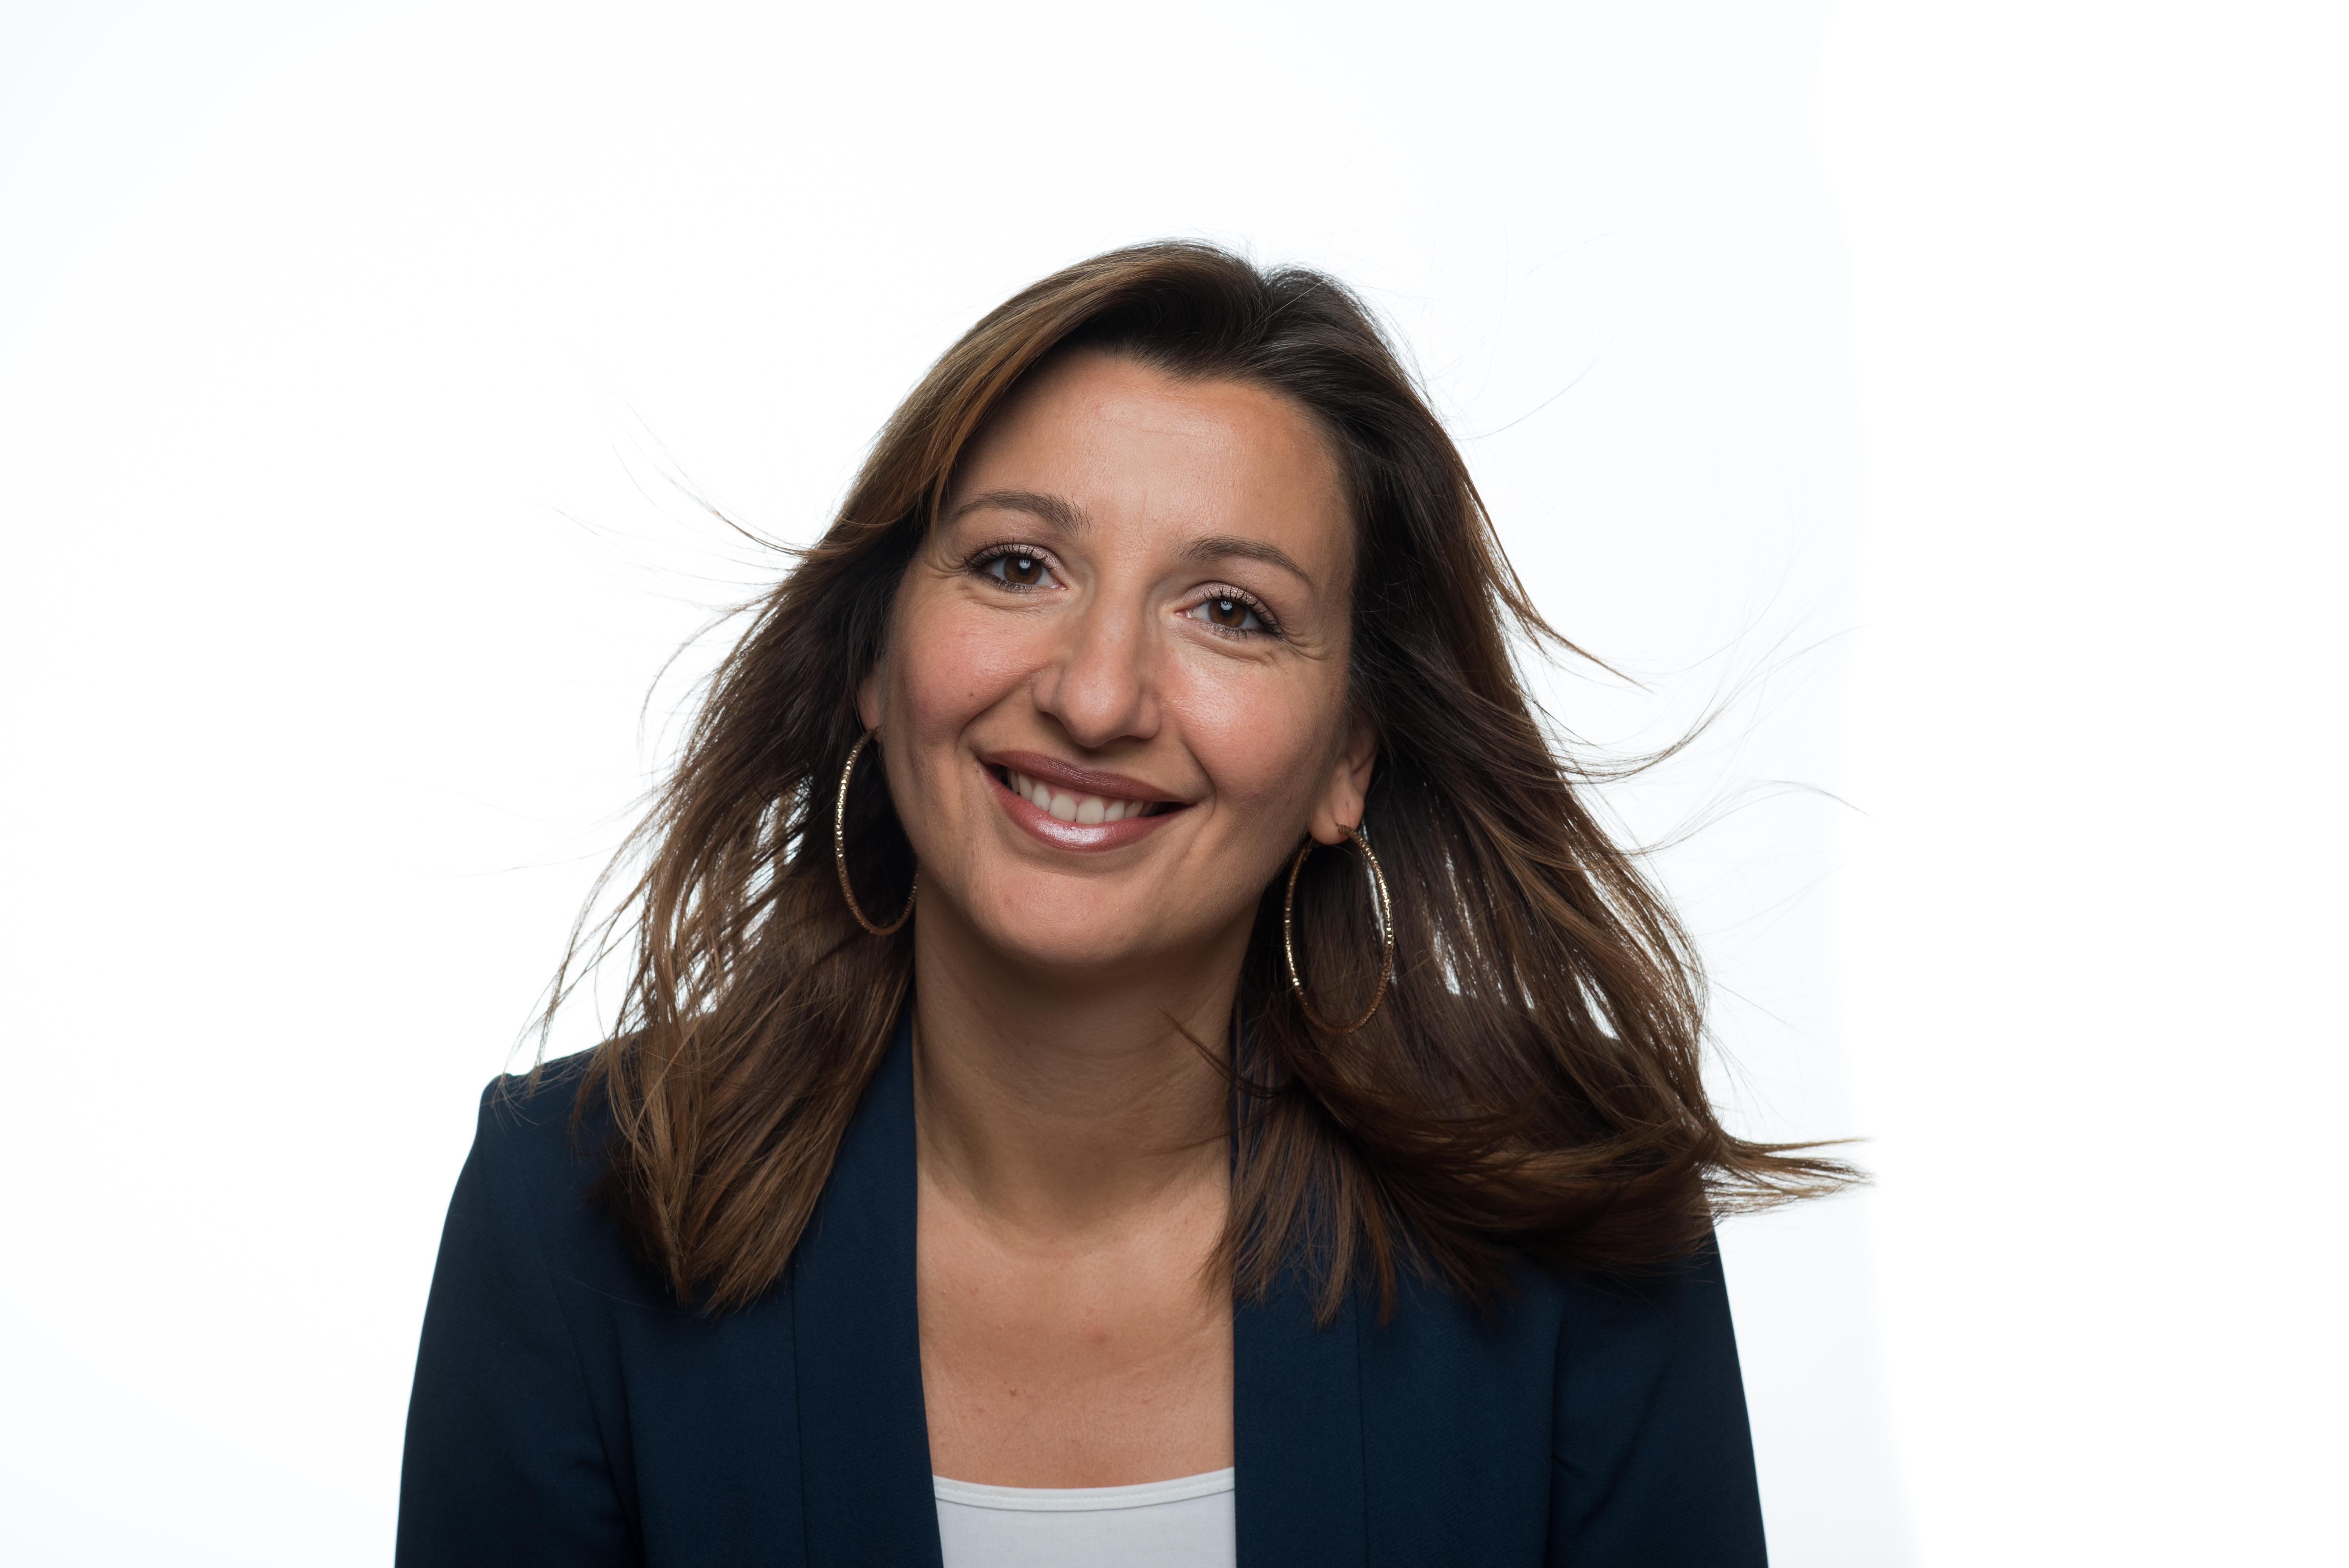 Angela Ebert